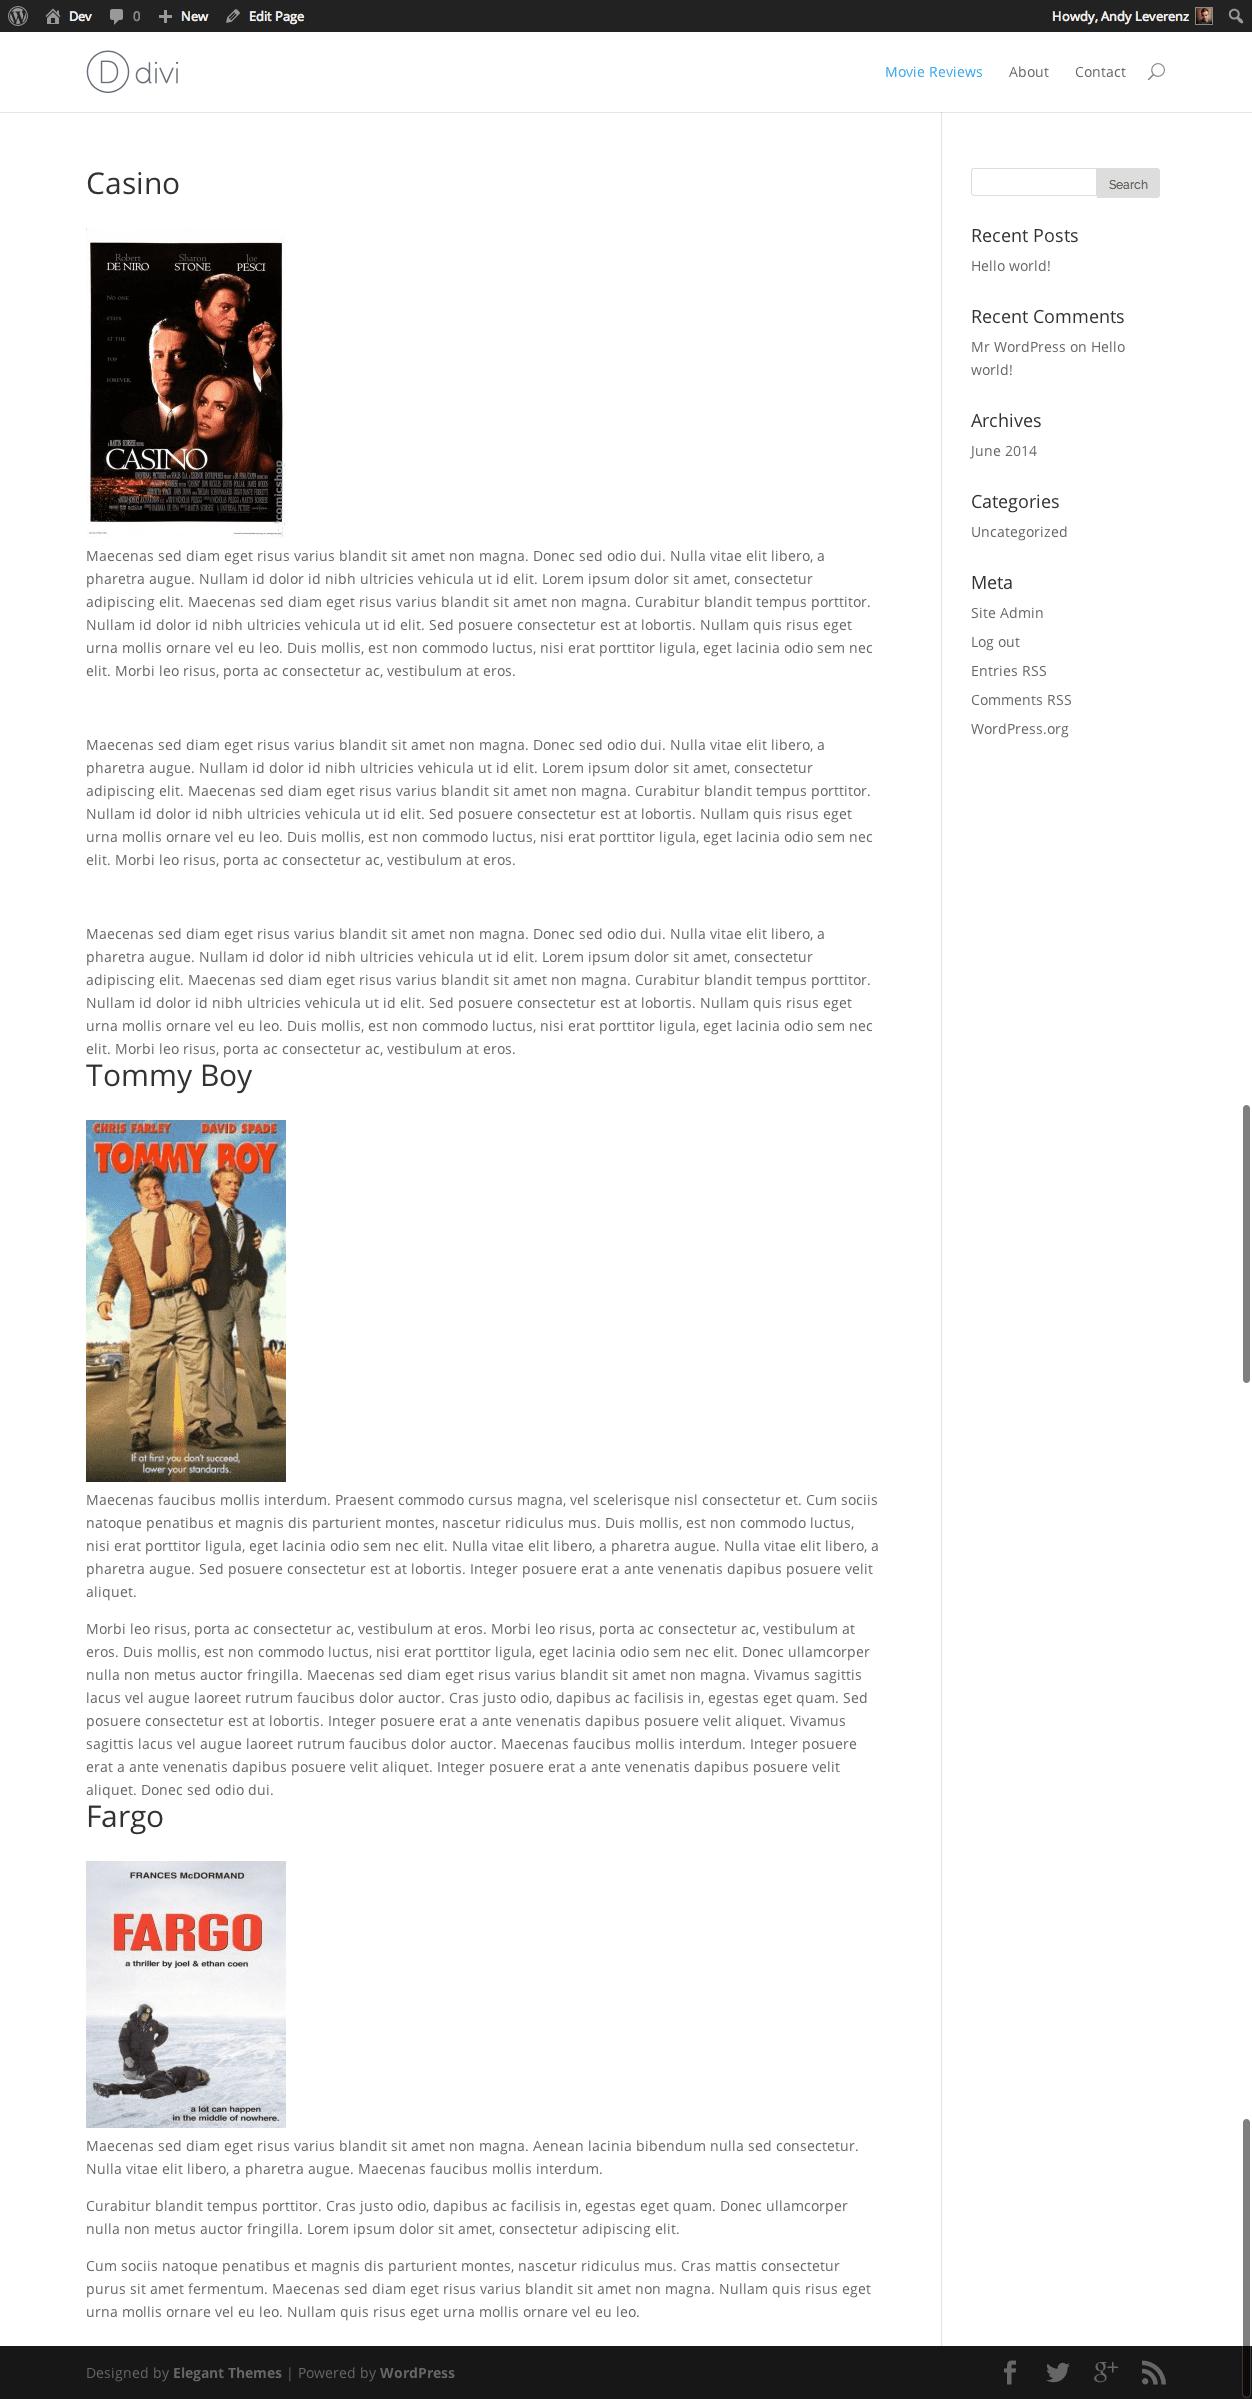 how to create custom theme in wordpress step by step